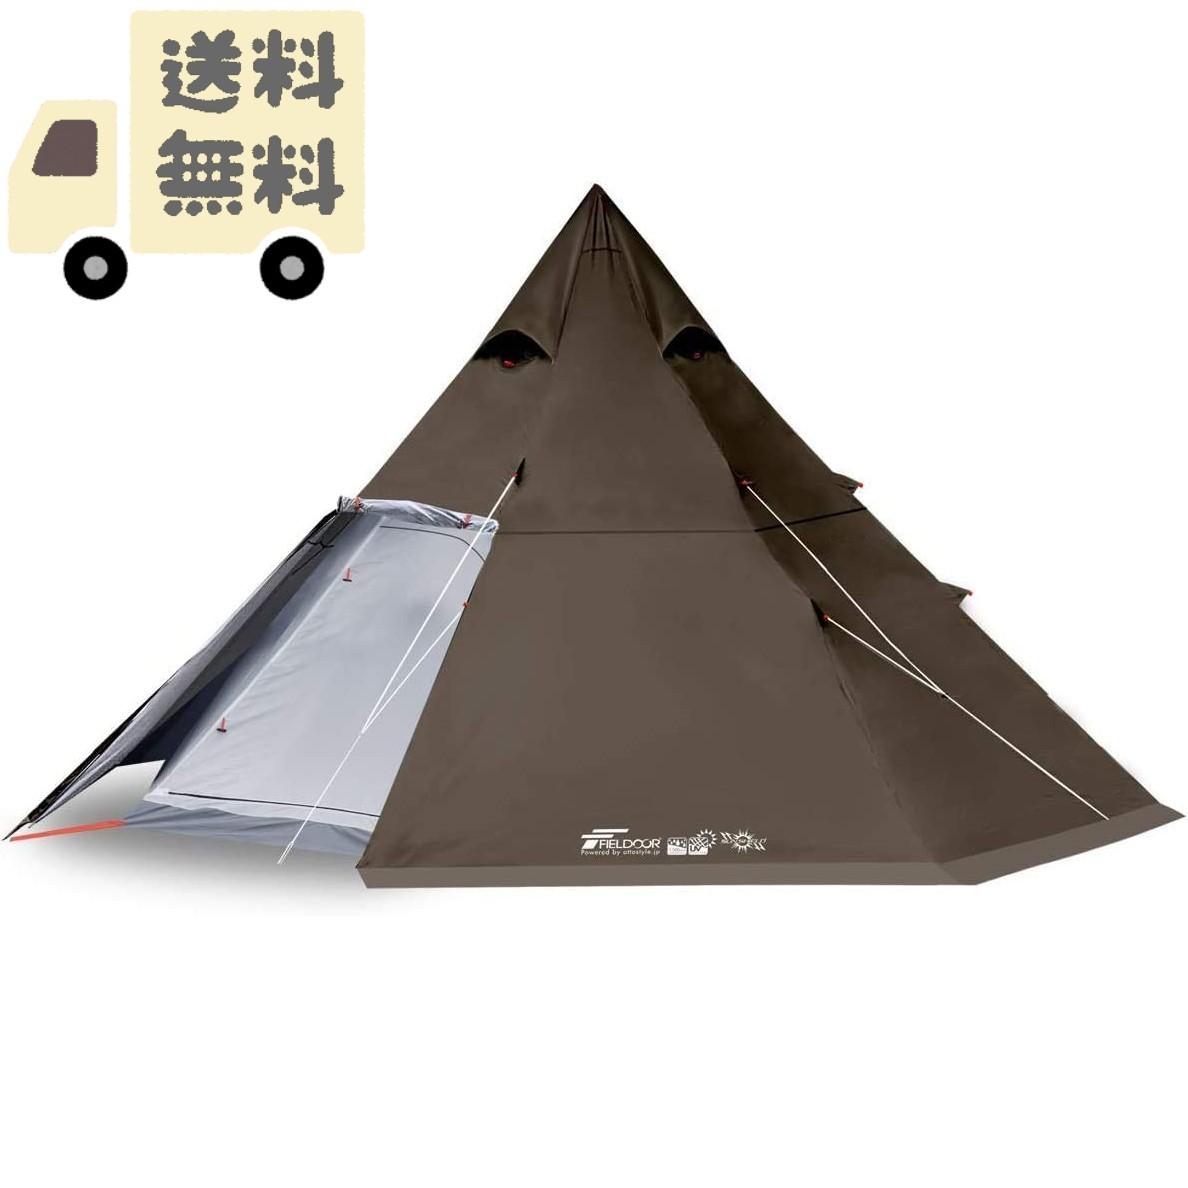 FIELDOOR ワンポールテント 4人用 5m×5m×2.8m ボルドー 家族 テント キャンプ ピクニック 花見 BBQ